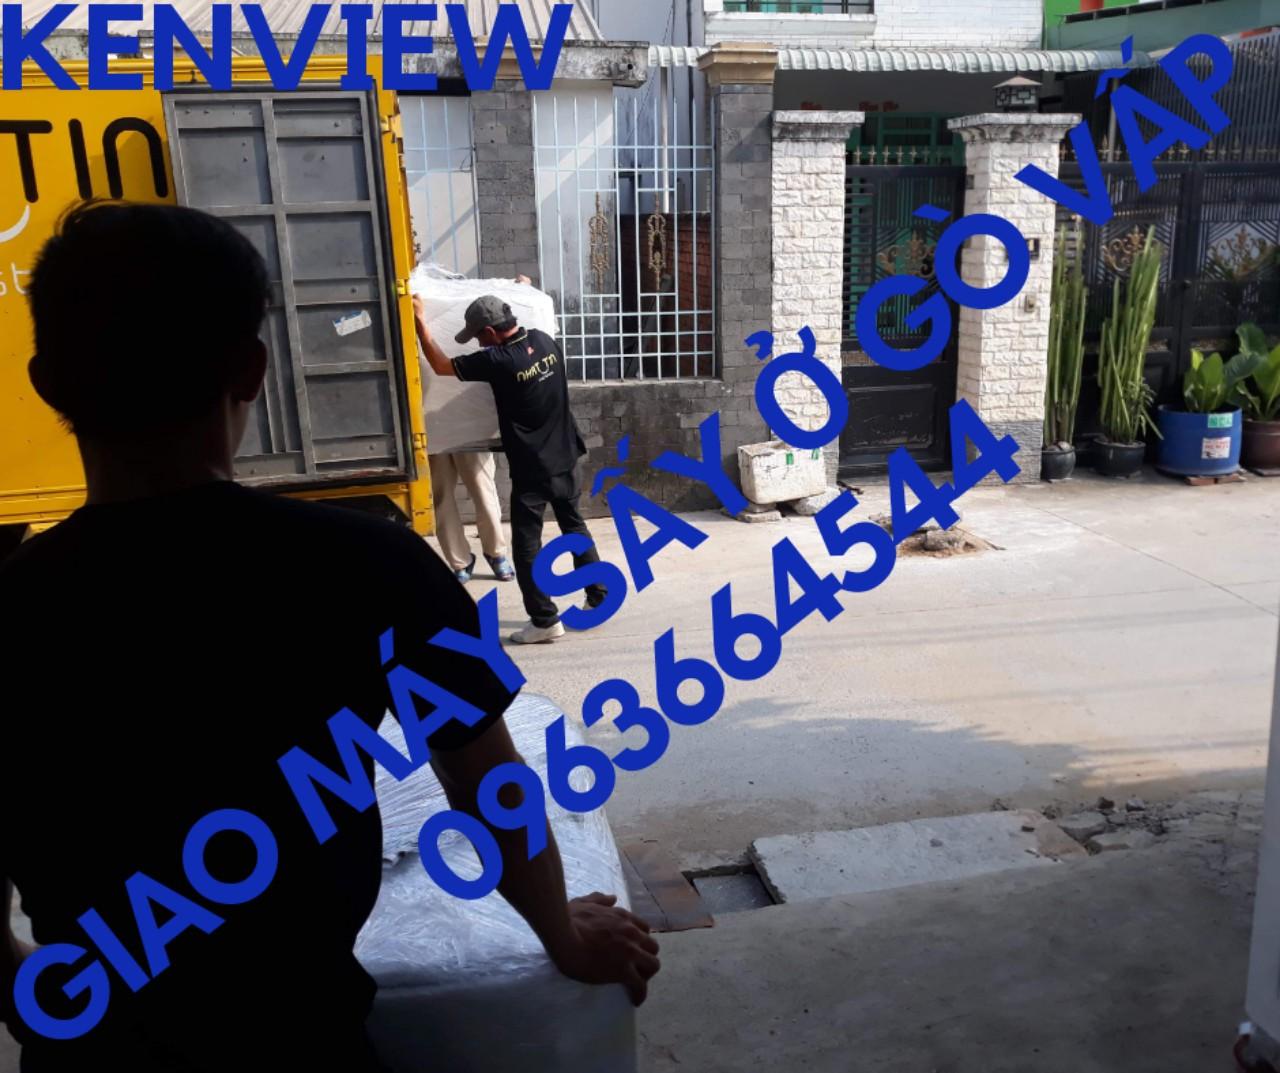 Kenview cung cấp máy nông sản, trái cây ở Gò vấp, Tp. Hồ Chí Minh 0963664544